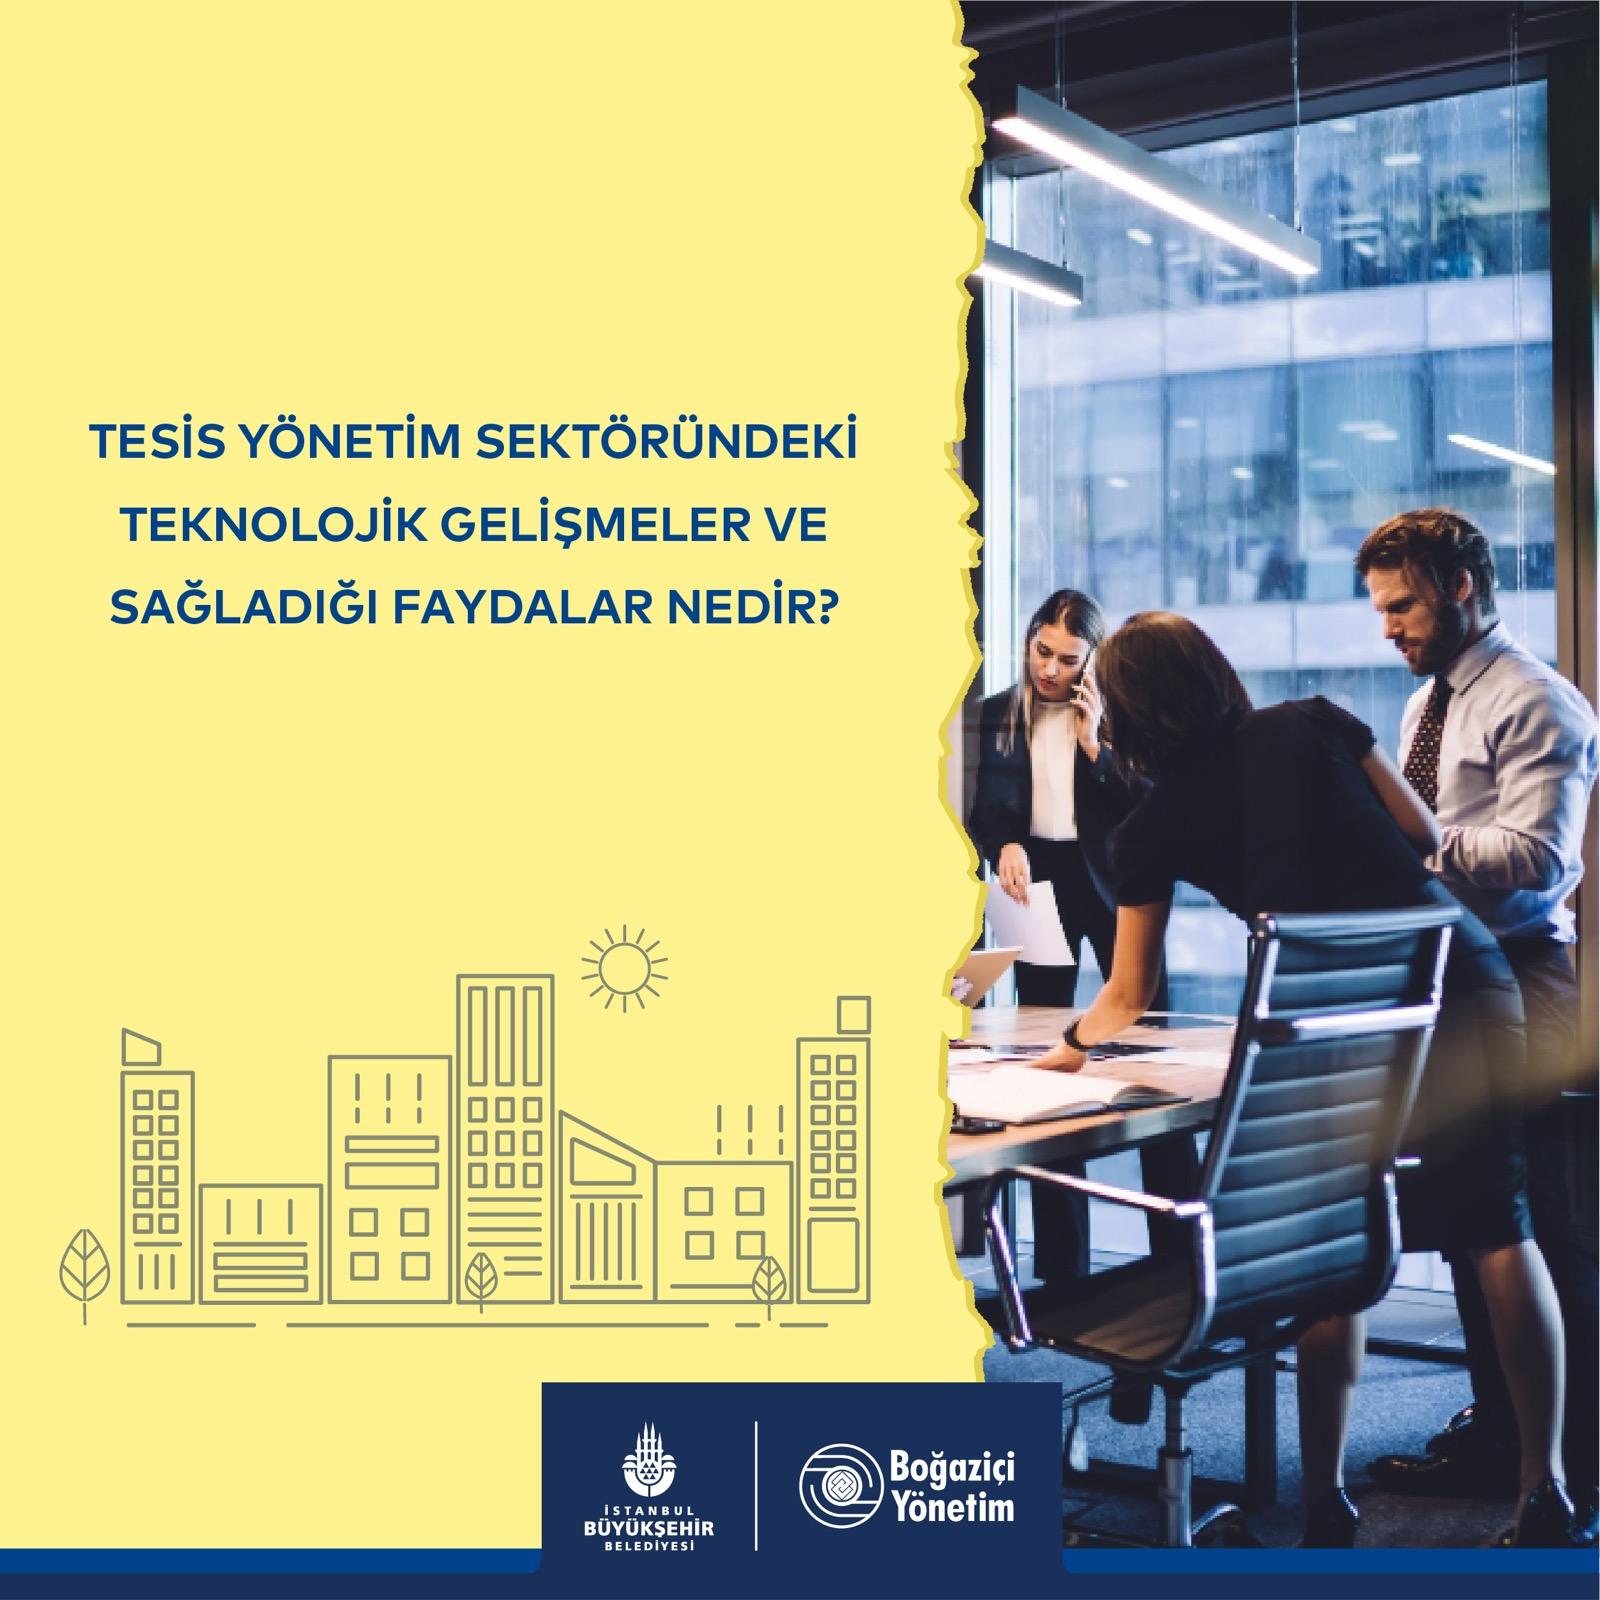 Tesis Yönetim Sektöründeki Teknolojik Gelişmeler ve Sağladığı Faydalar Nedir?